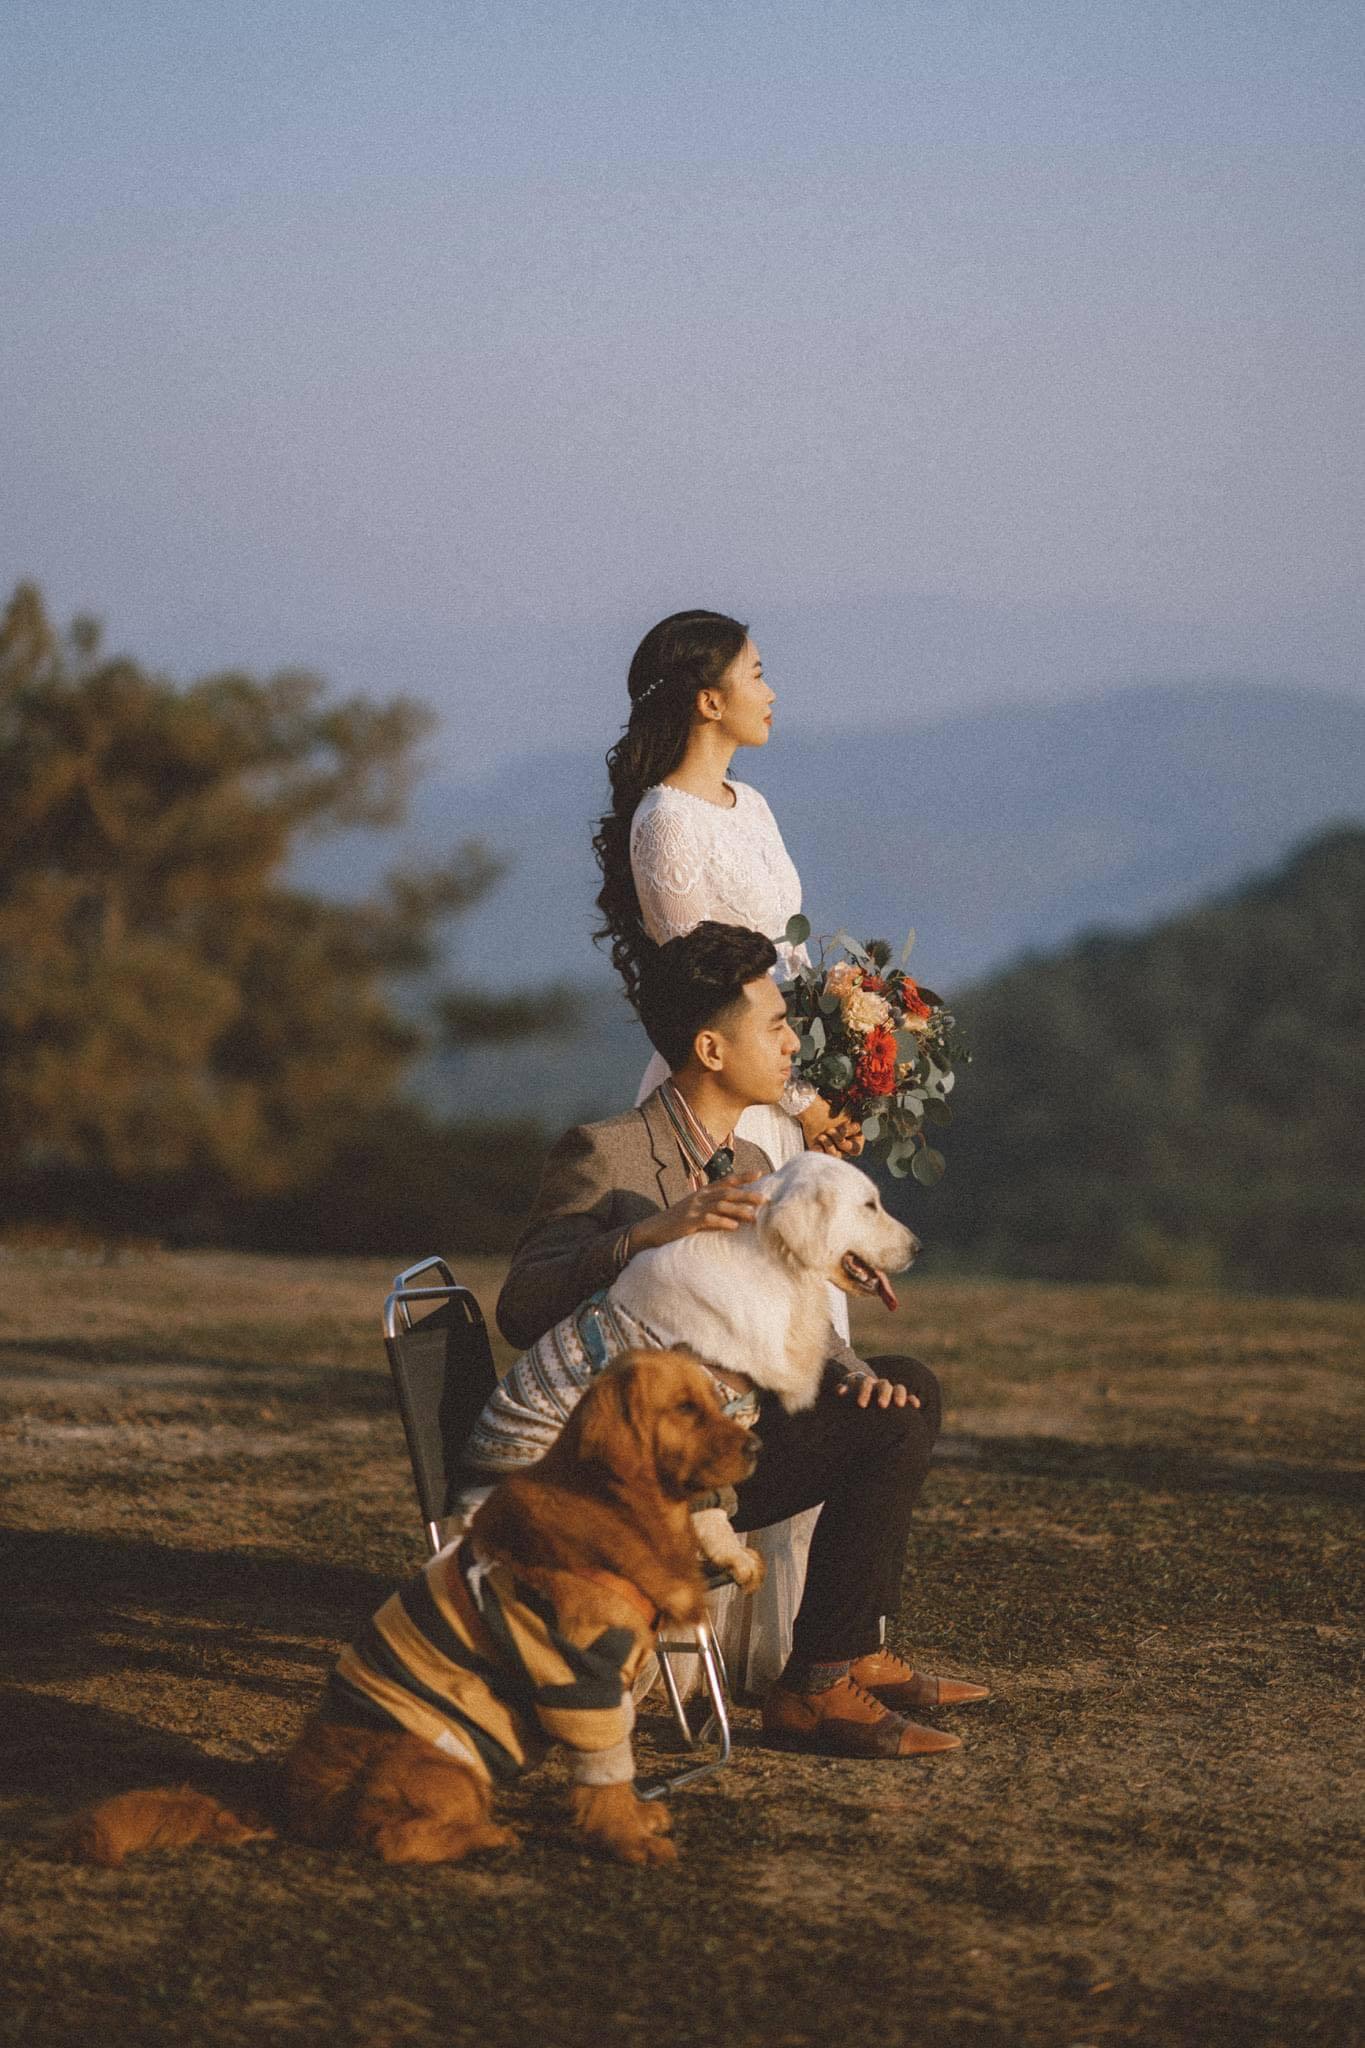 ảnh cưới với cún cưng,bộ ảnh Đà Lạt,cặp đôi với cún cưng